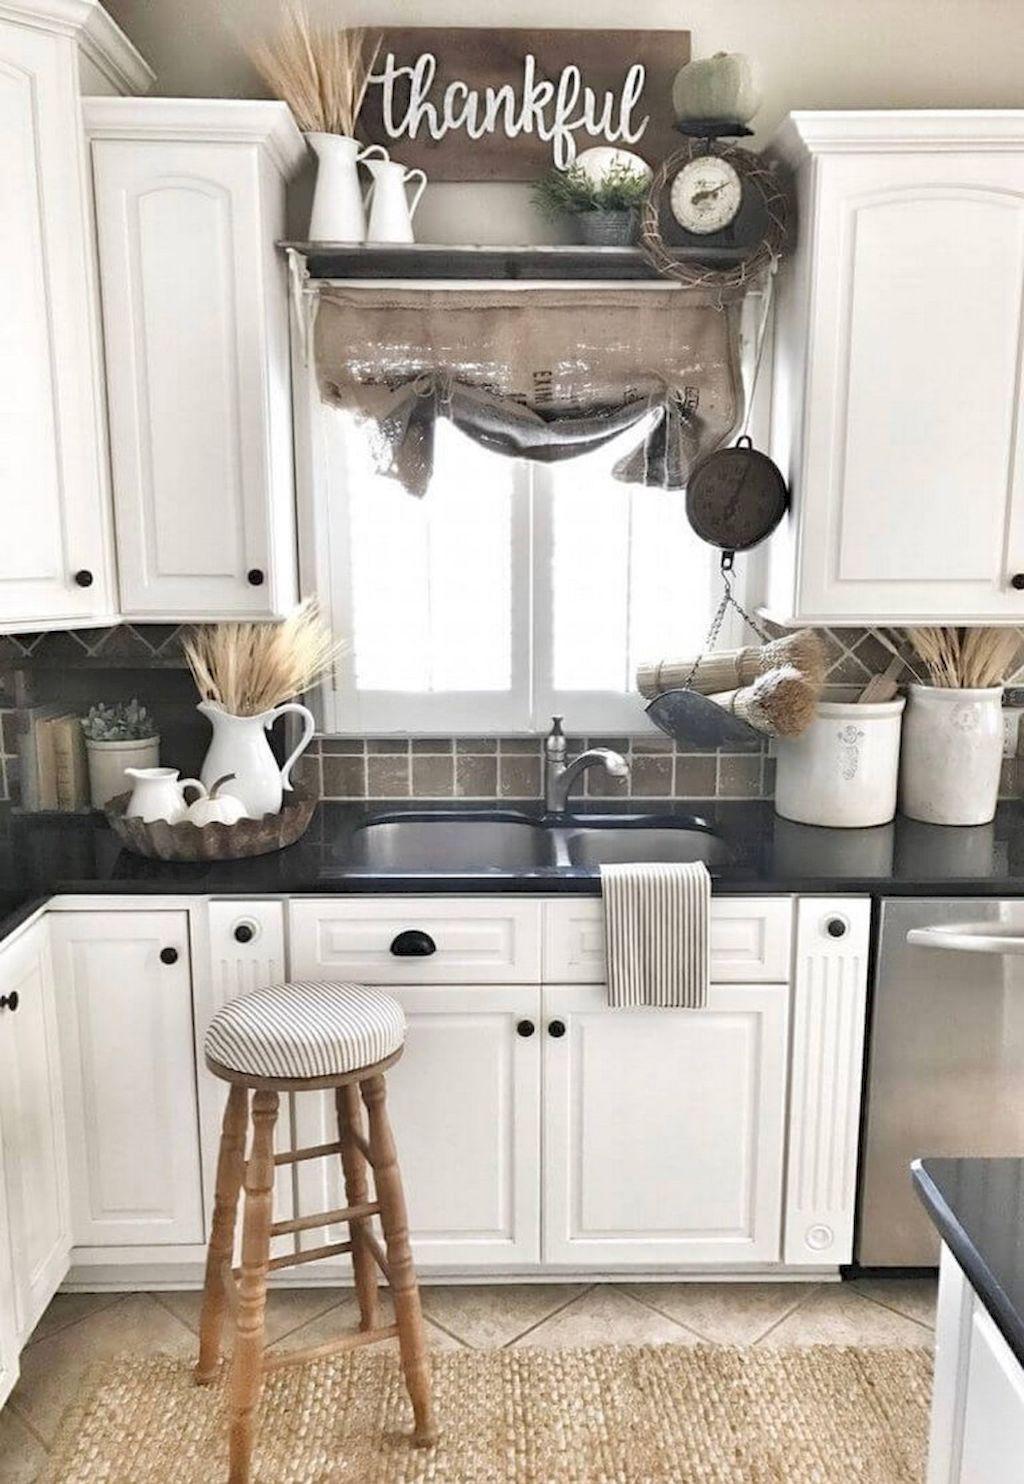 90 Rustic Kitchen Cabinets Farmhouse Style Ideas 84 Farmhouse Kitchen Decor Rustic Farmhouse Kitchen Kitchen Design Decor